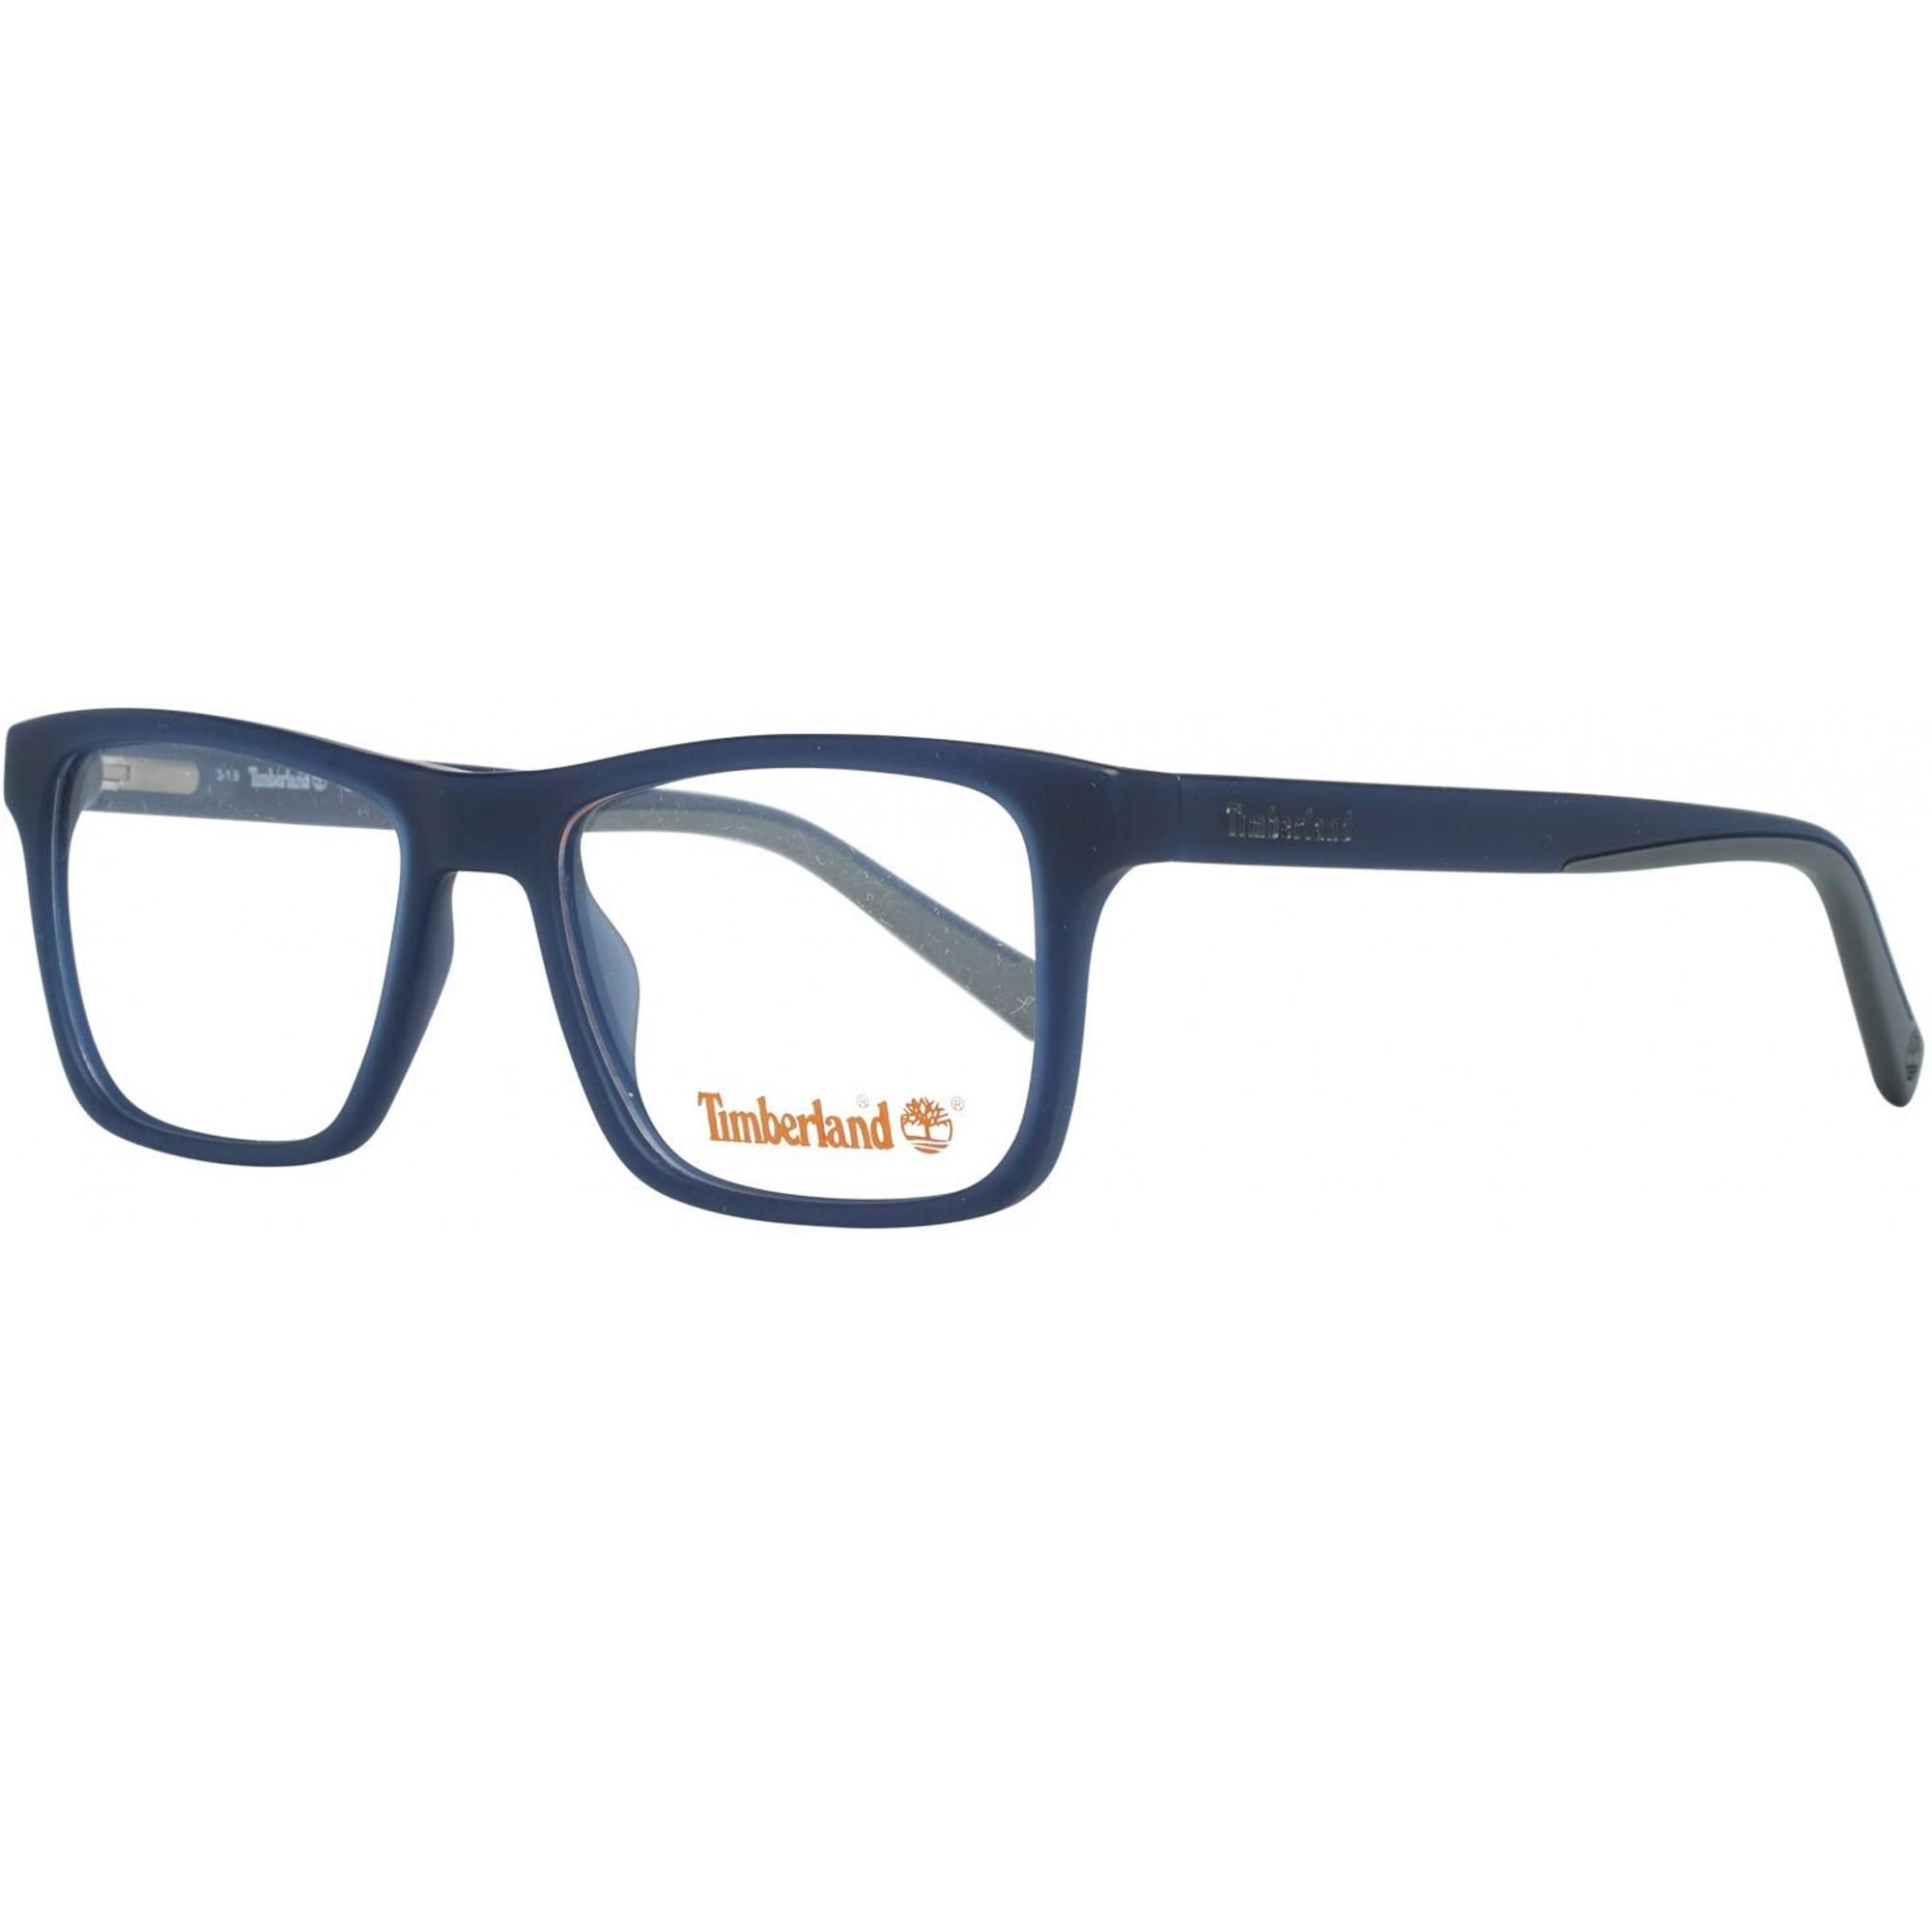 Óculos de Grau Timberland Azul Escuro TB1596 - 091/57